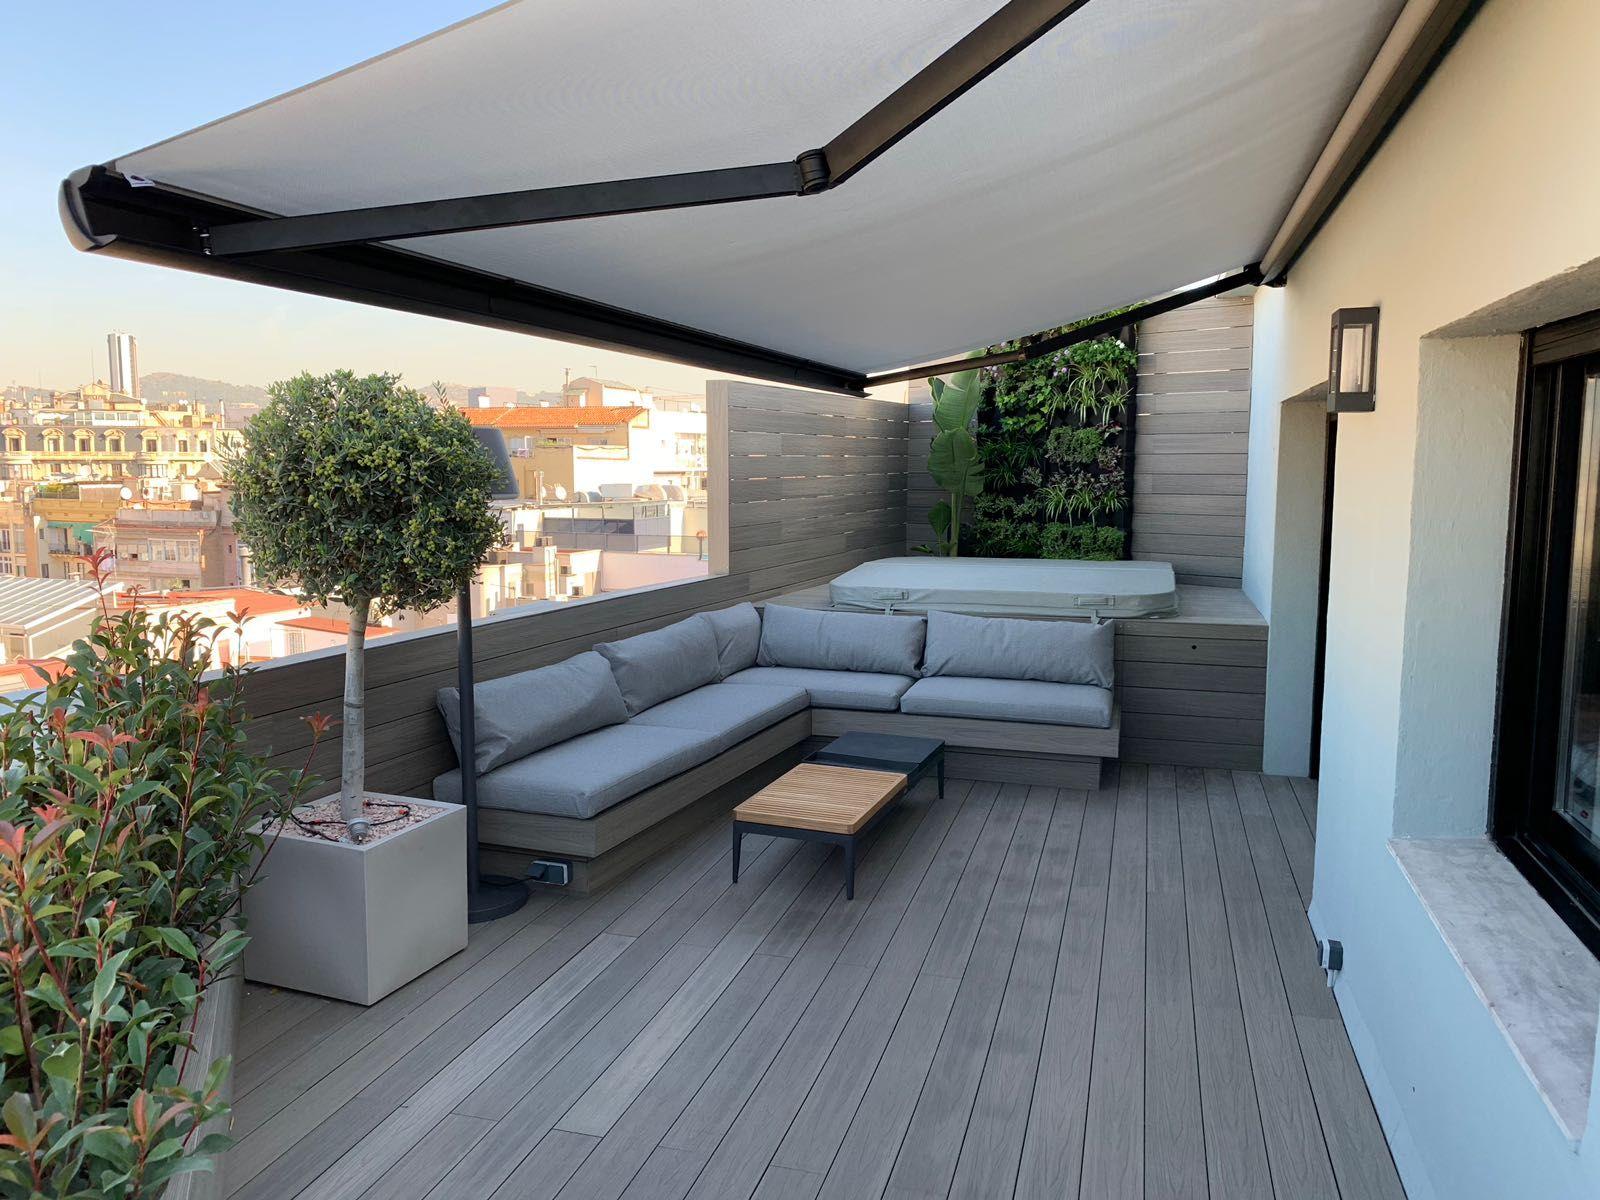 Jardin Vertical Personalizado En Barcelona Diseno De Terraza Diseno De Azotea Jardines Verticales